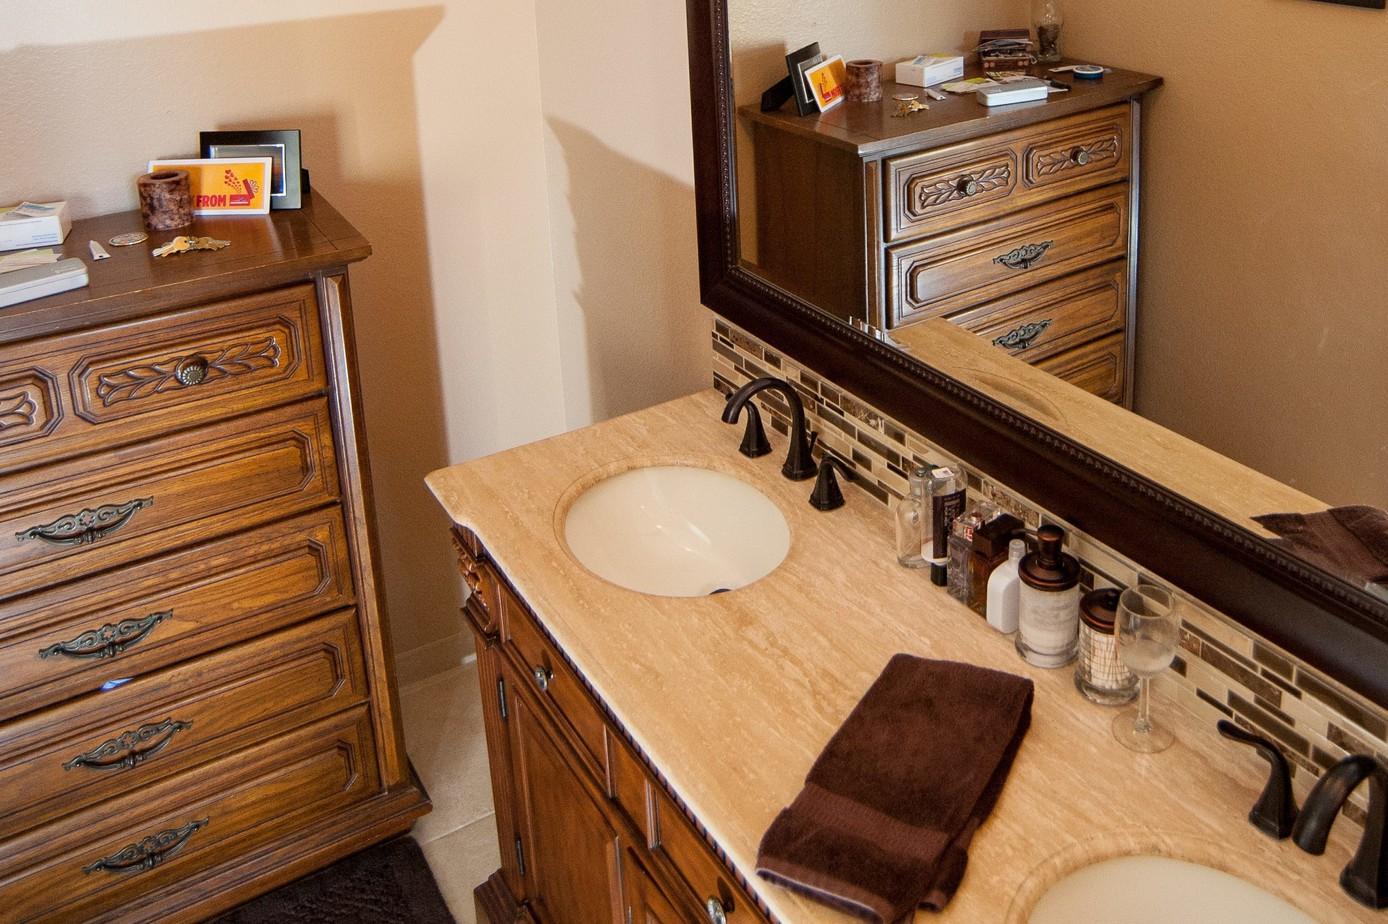 Bath Remodel San Diego san diego bathroom remodel - classic home improvements